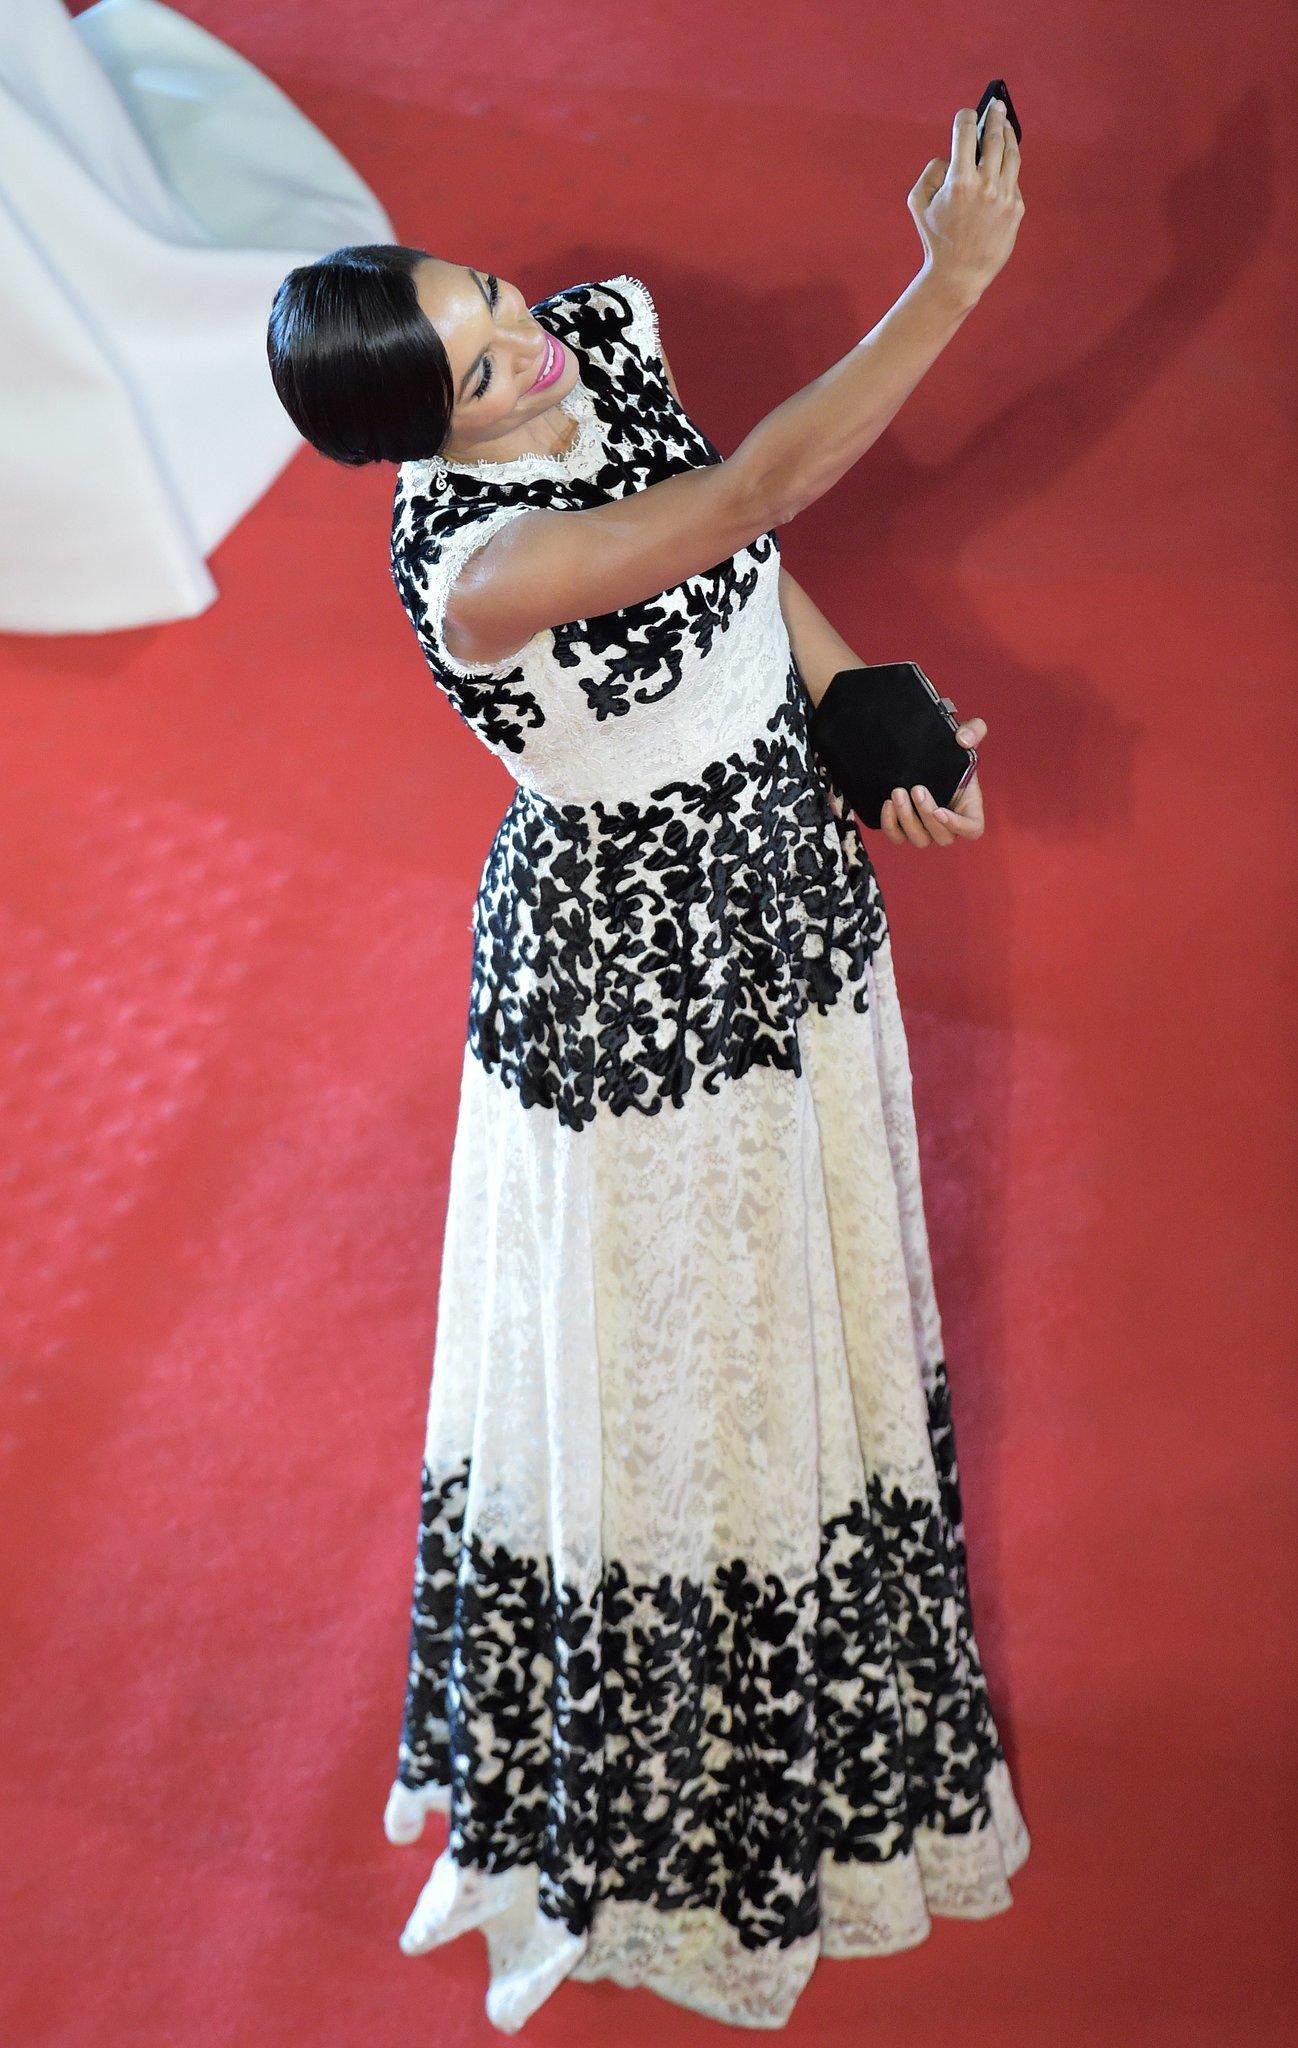 Rosario Dawson at the Captives Premiere